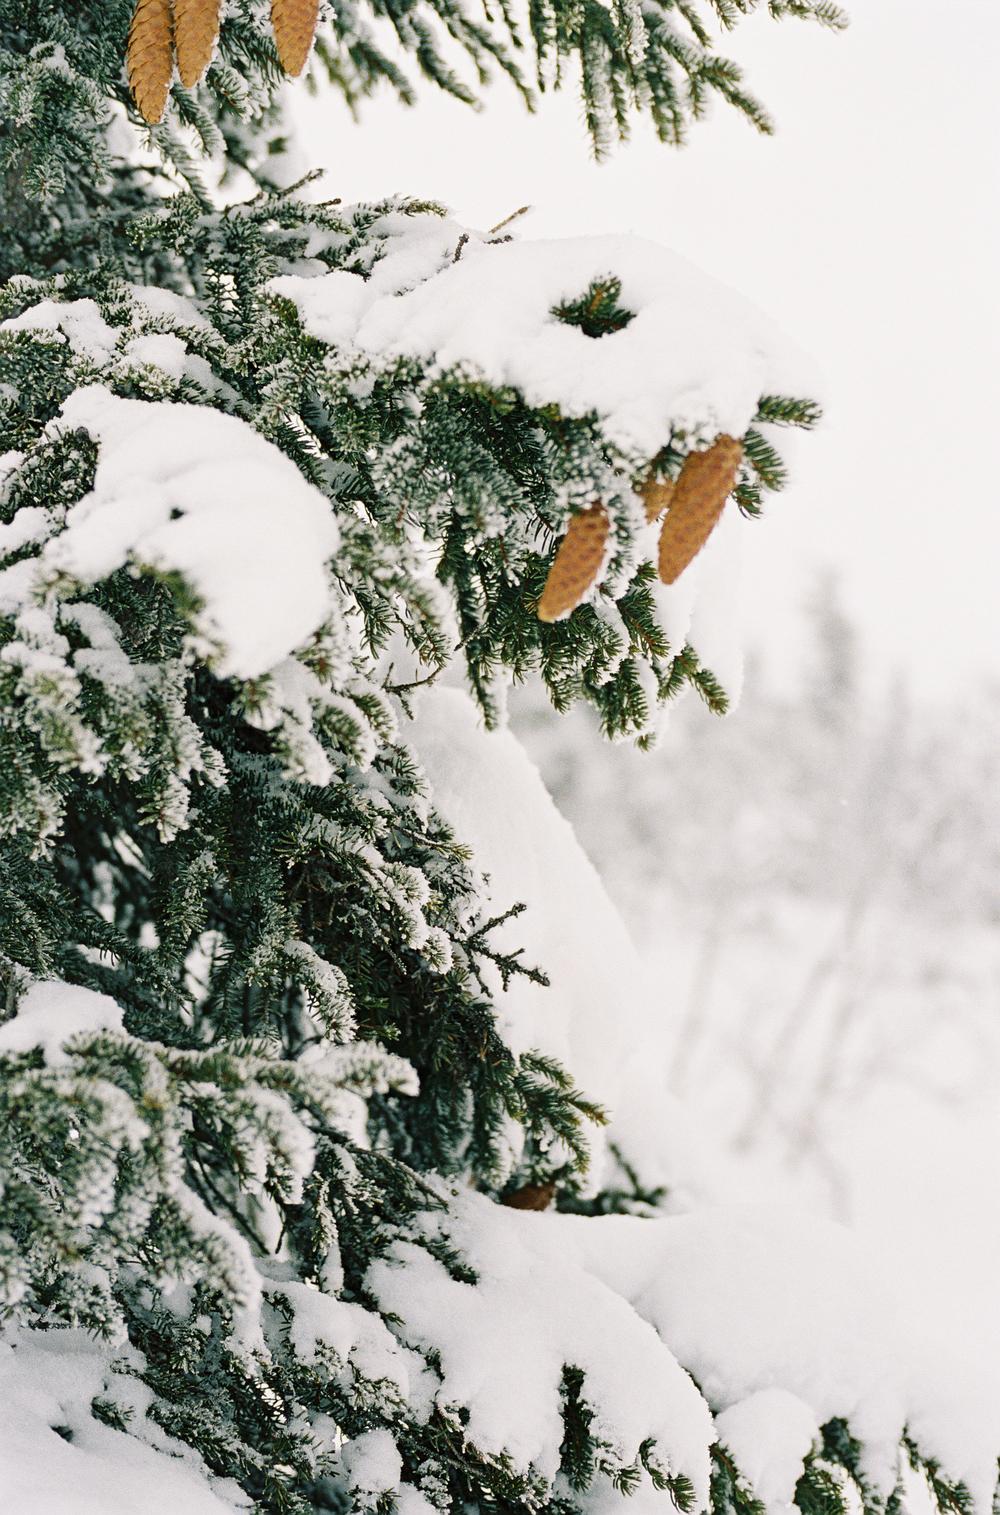 Tuddal-vinter-RPL-Portra400-11.jpg